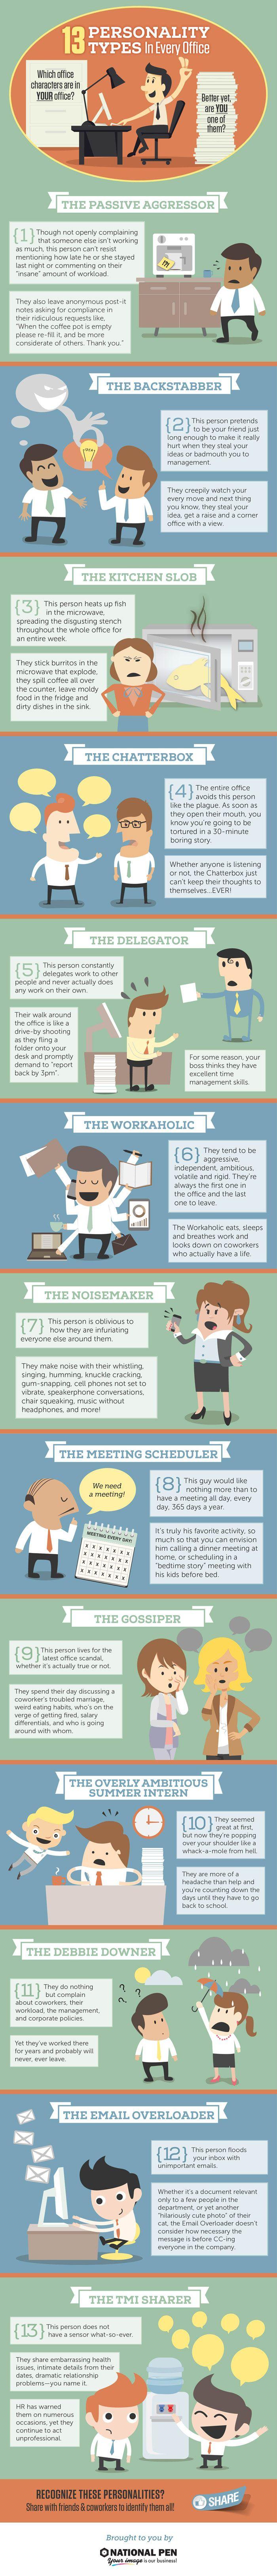 [Infographic] Durf te turven: welke typetjes zitten er bij jou op kantoor?